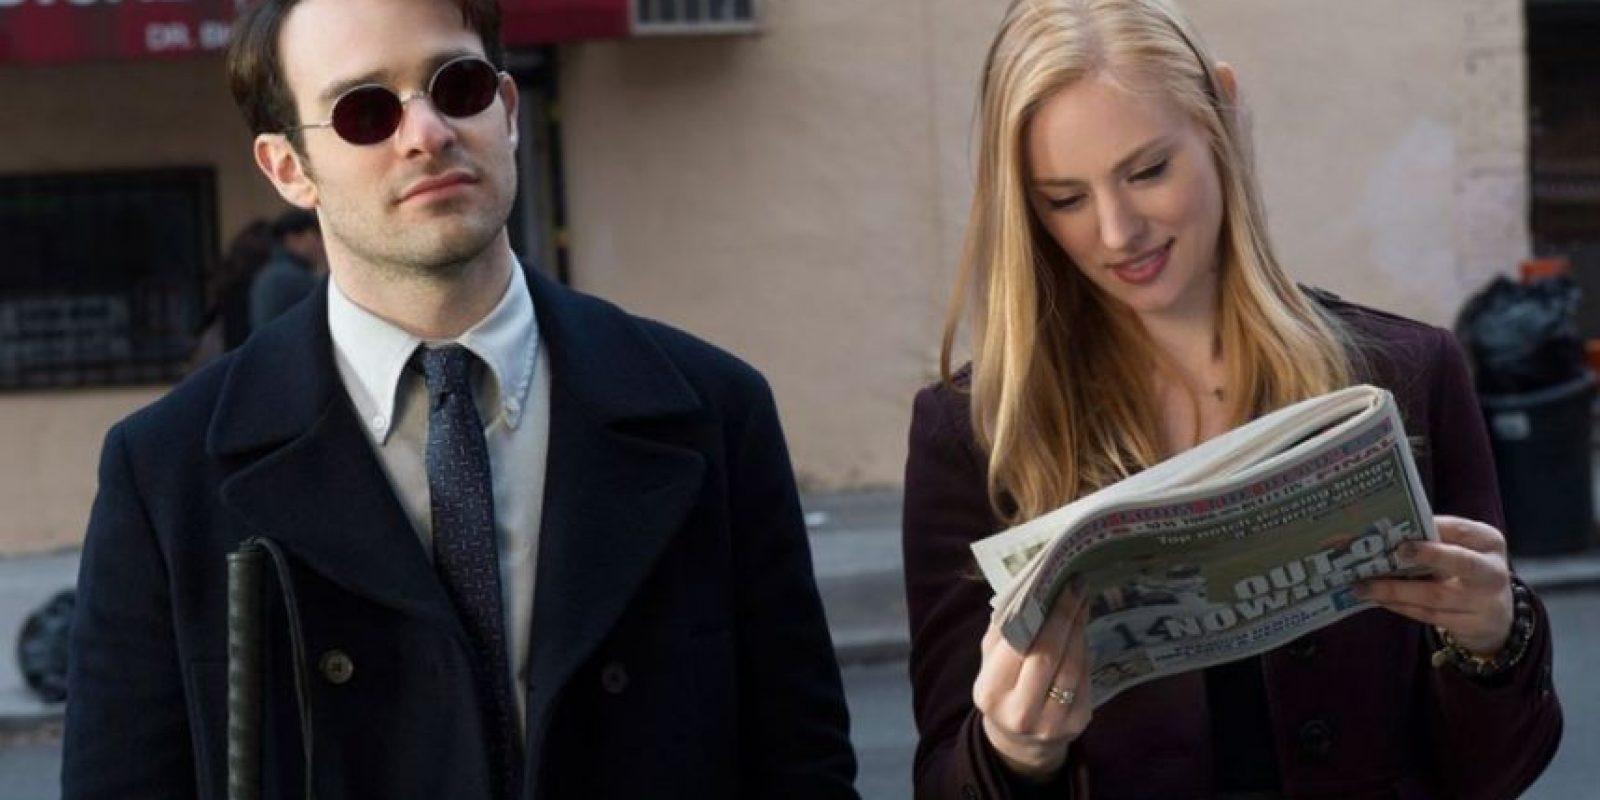 En la serie actuarán Charlie Cox como Matt Murdock/Daredebil y Deborah Ann Woll como su secretaria enamorada Foto:Marvel.com